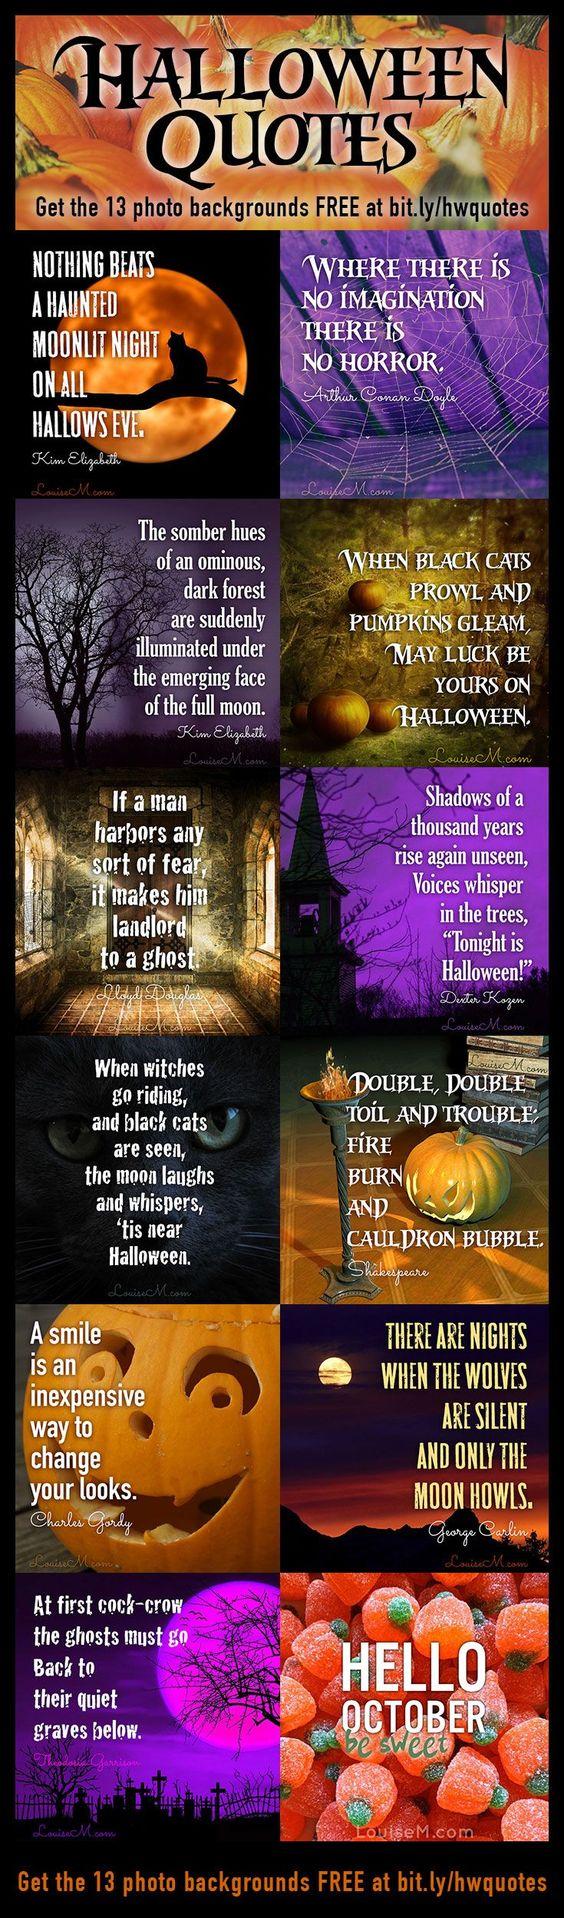 Facebook Timeline Cover For Halloween October | Halloween | Pinterest |  Timeline Covers, Facebook Timeline And Timeline